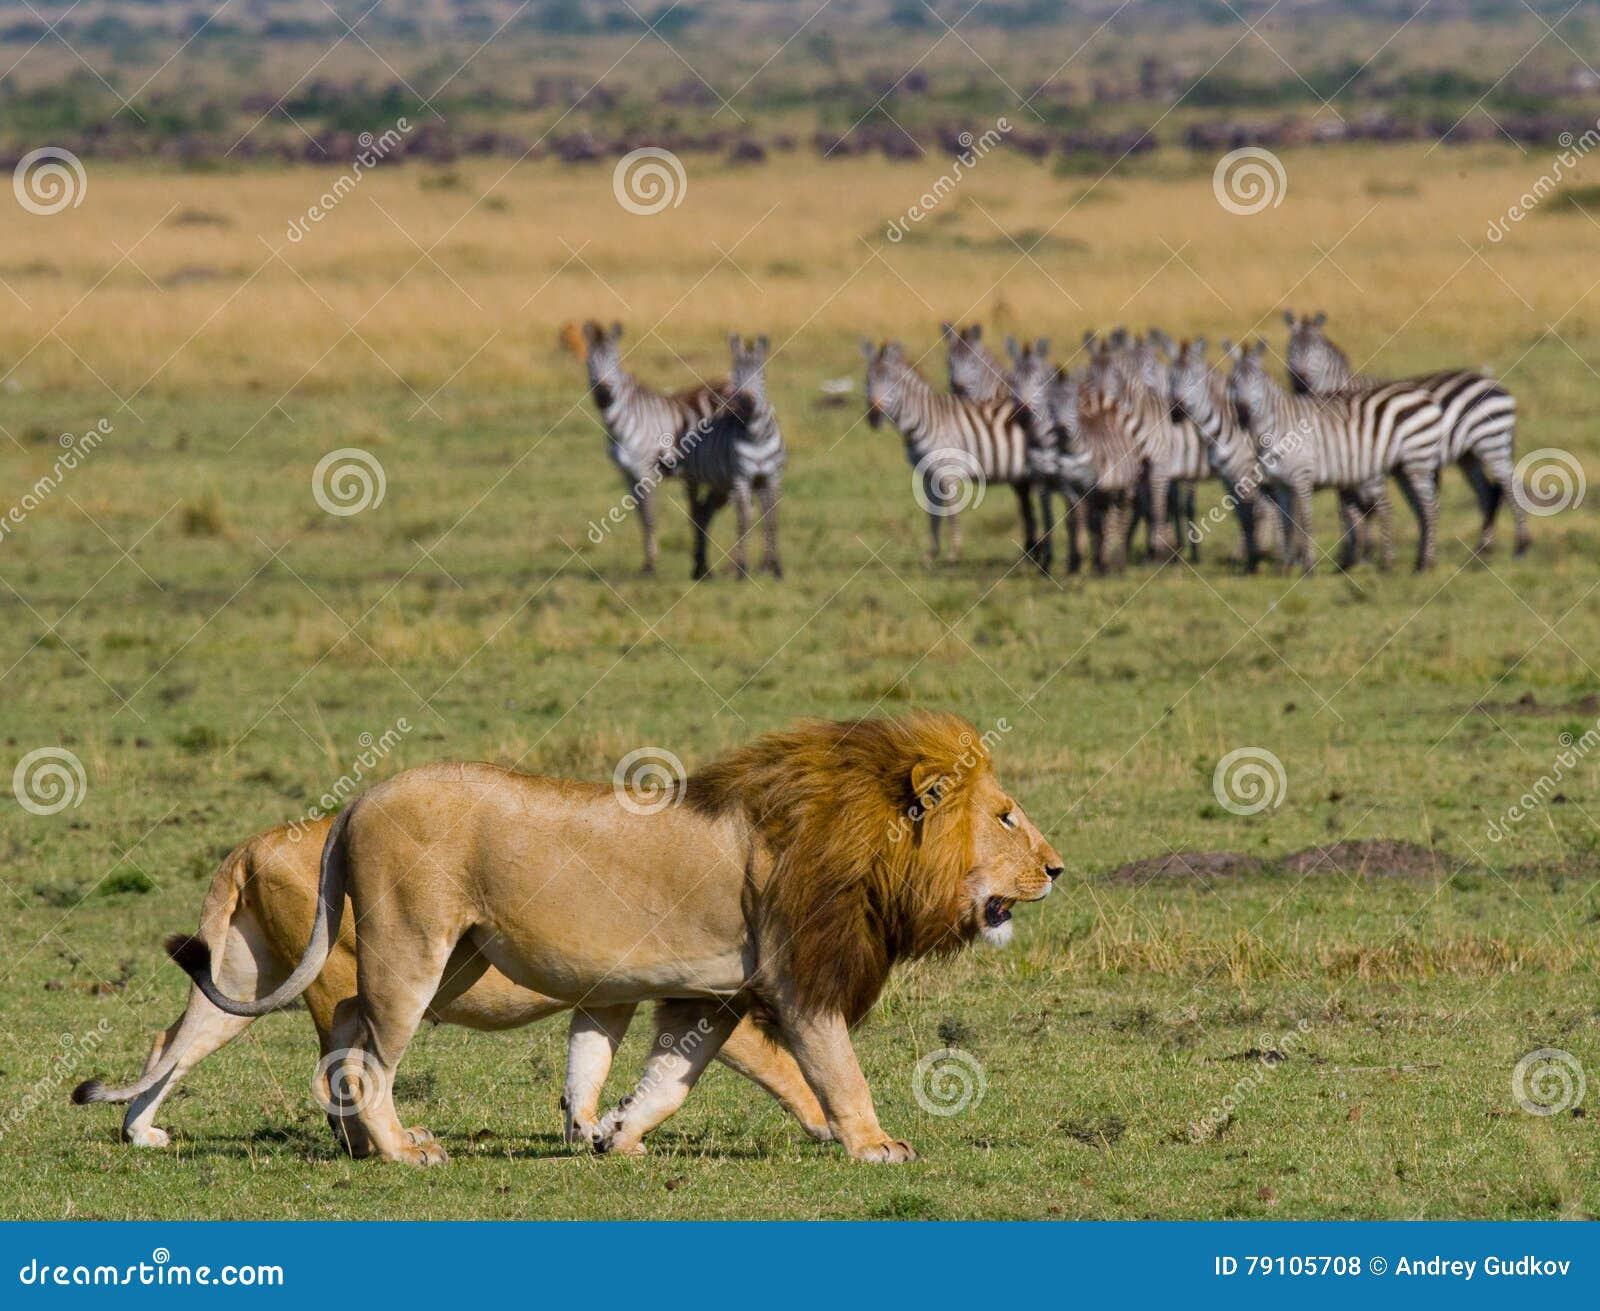 遇见狮子和雌狮在大草原 国家公园 肯尼亚 坦桑尼亚 mara马塞语 serengeti